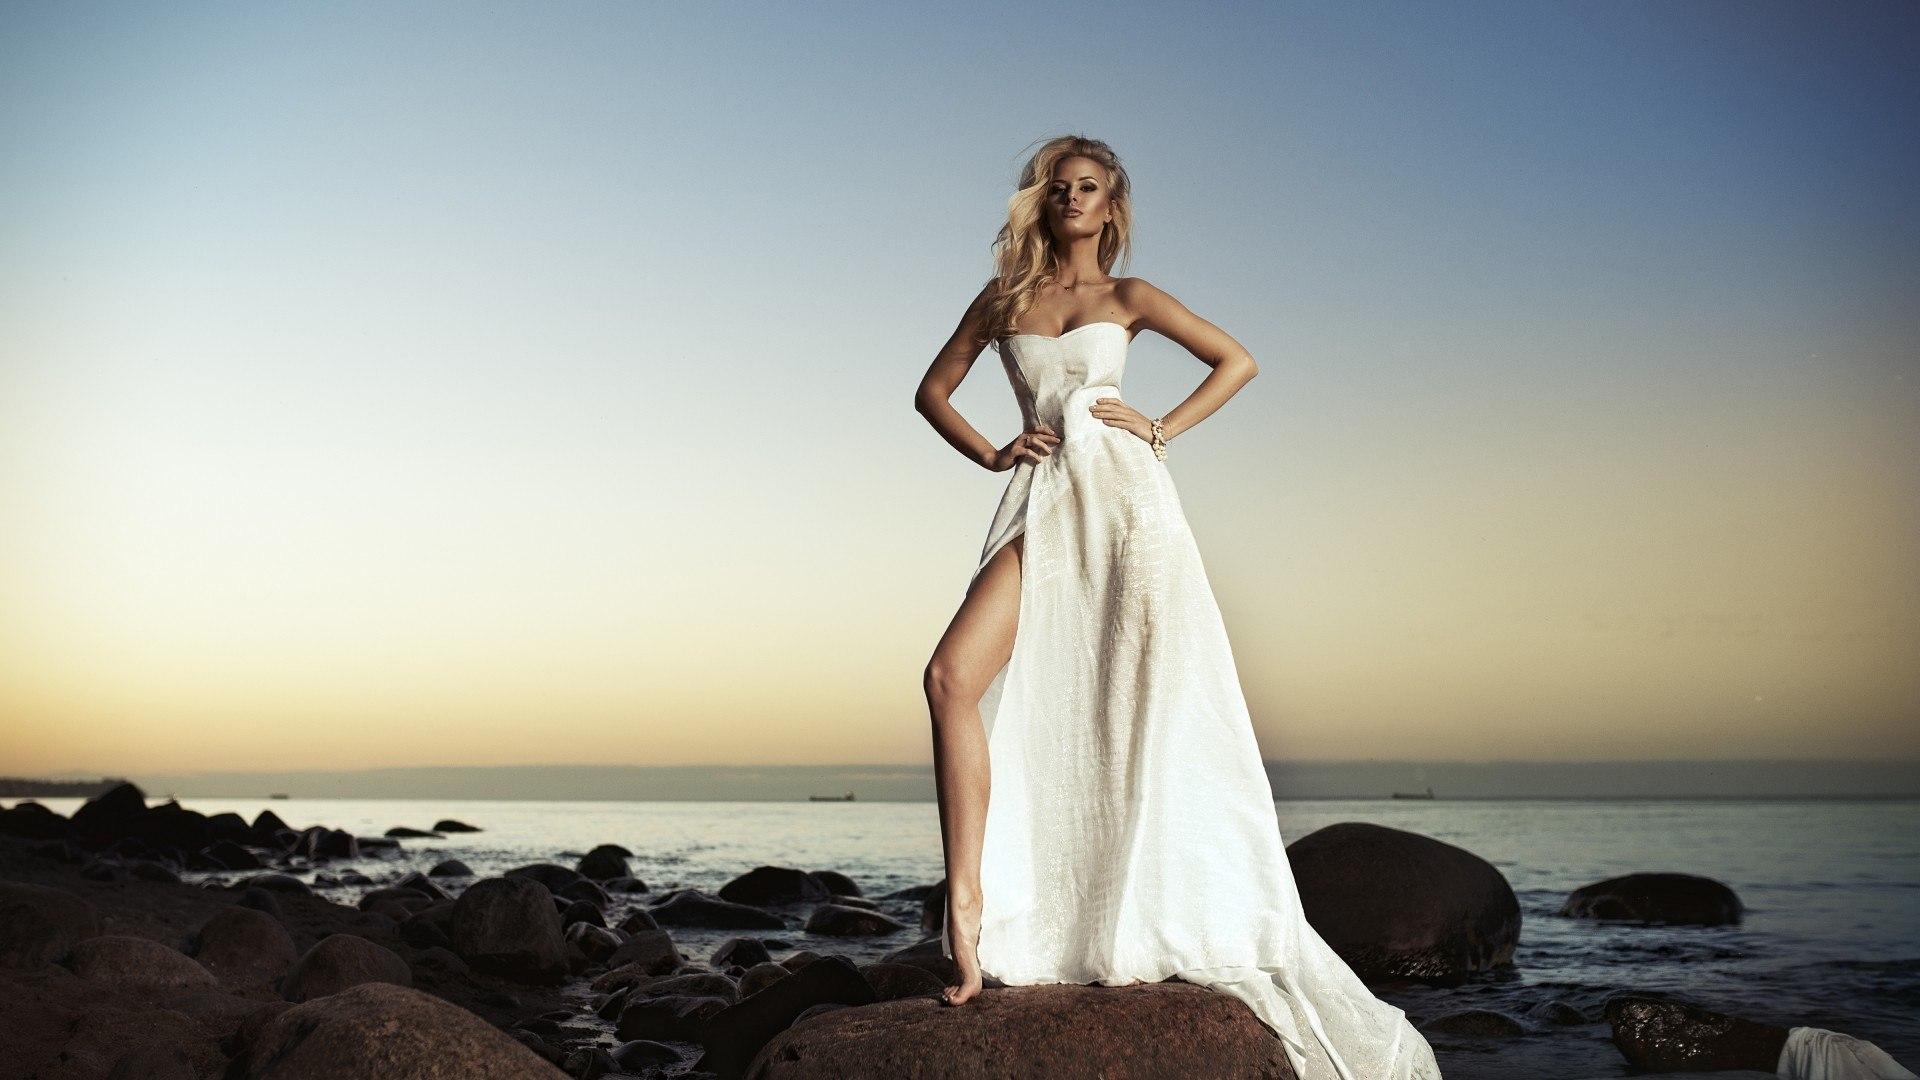 Эротика в длинном платье 21 фотография